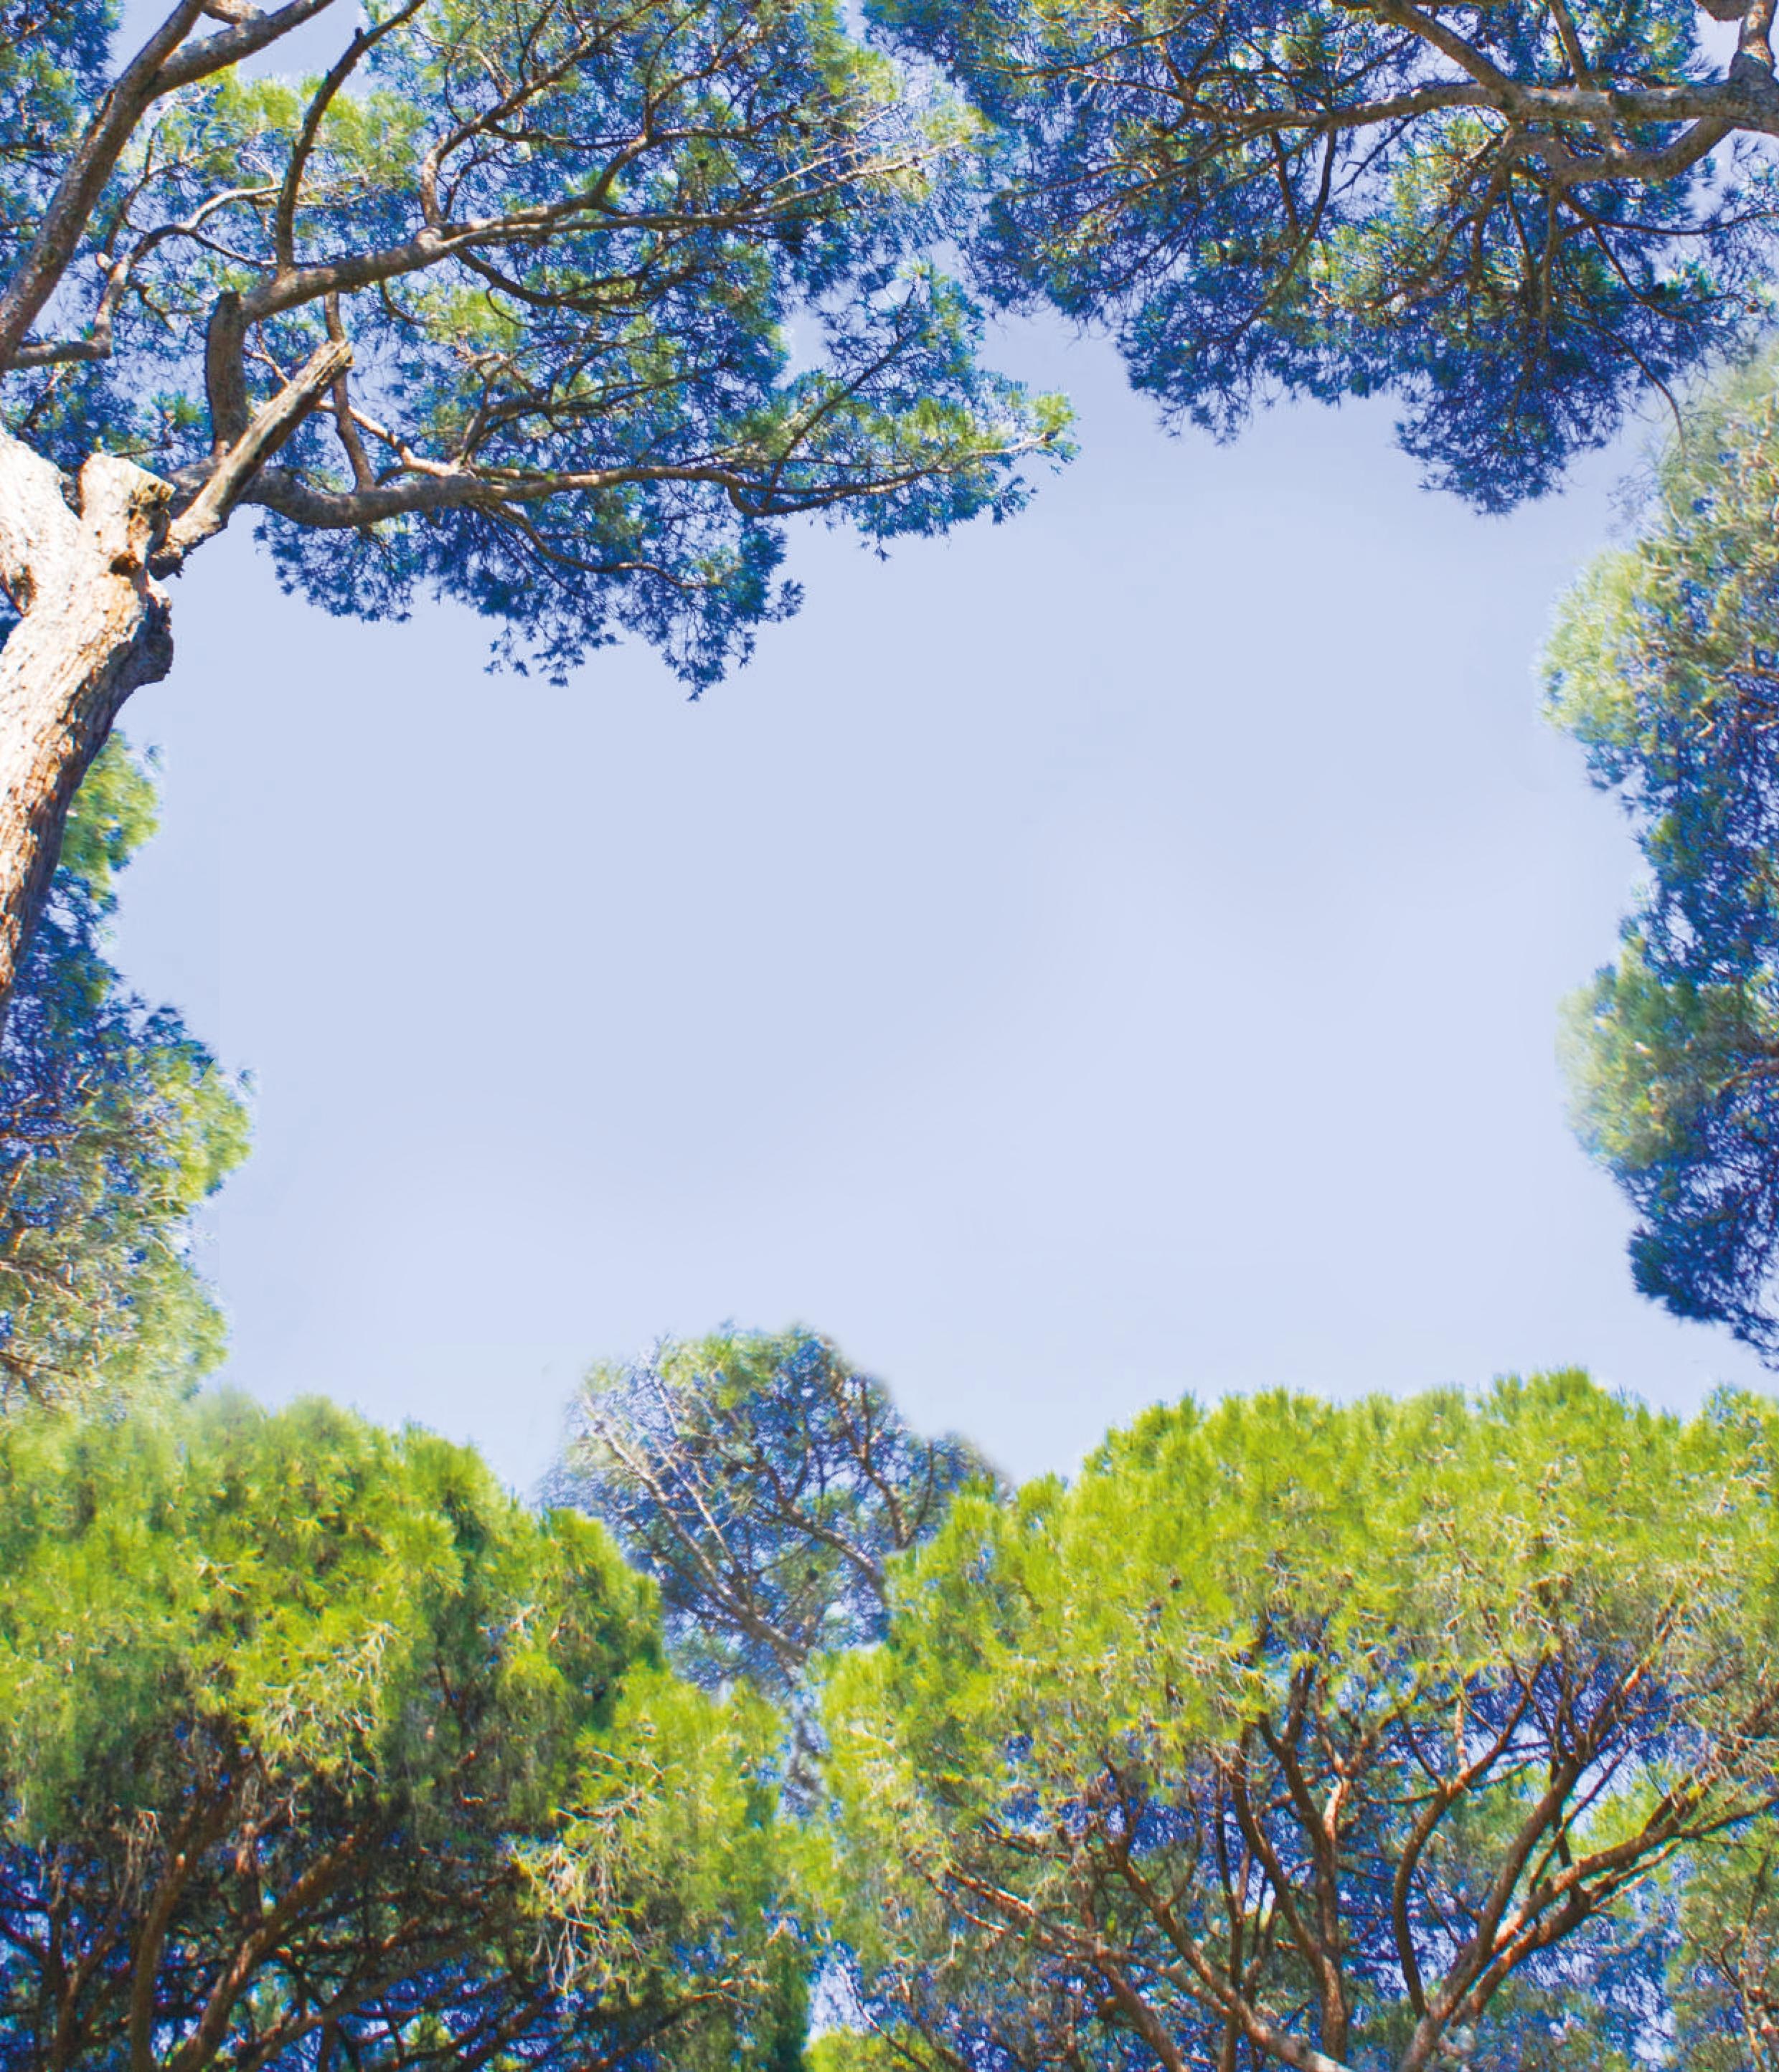 Immagini Di Piante E Alberi comunicare con le piante. esperienzediluce